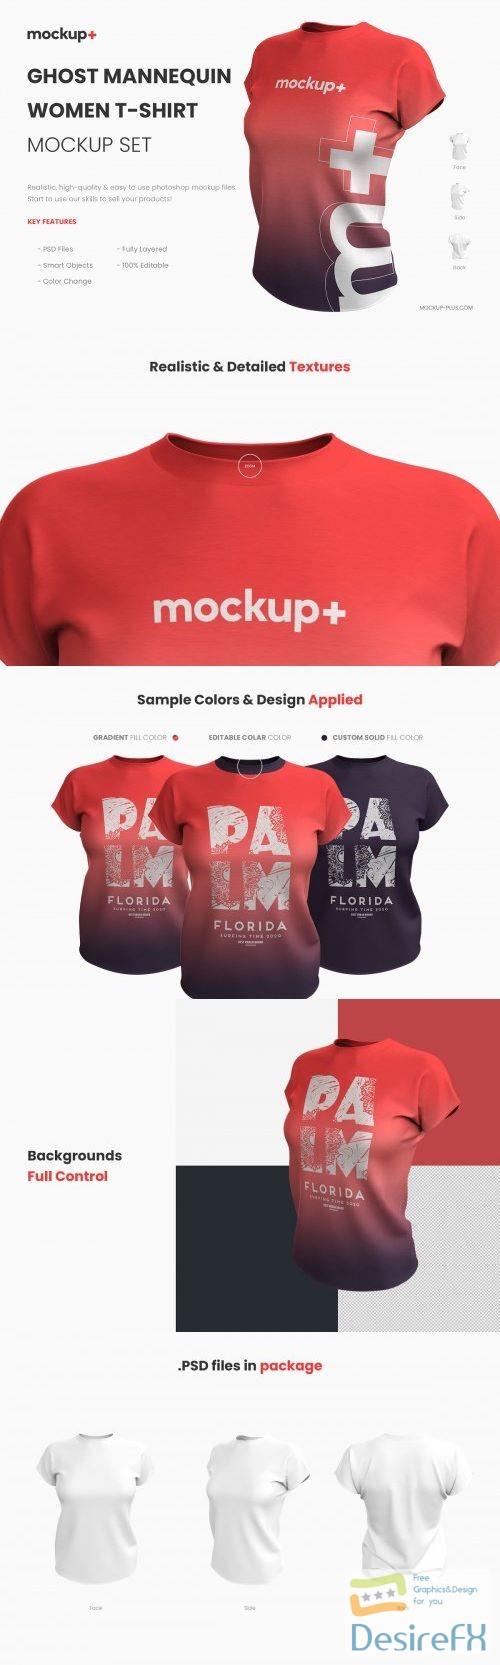 mock-up - Realistic Women T-Shirt Mockup 3991699